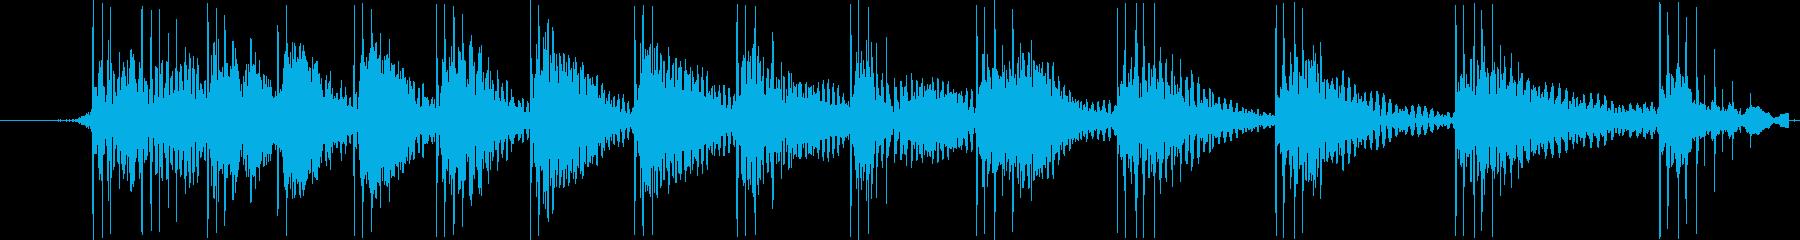 【効果音/ぽーん/てれれれ/スワイプ】の再生済みの波形